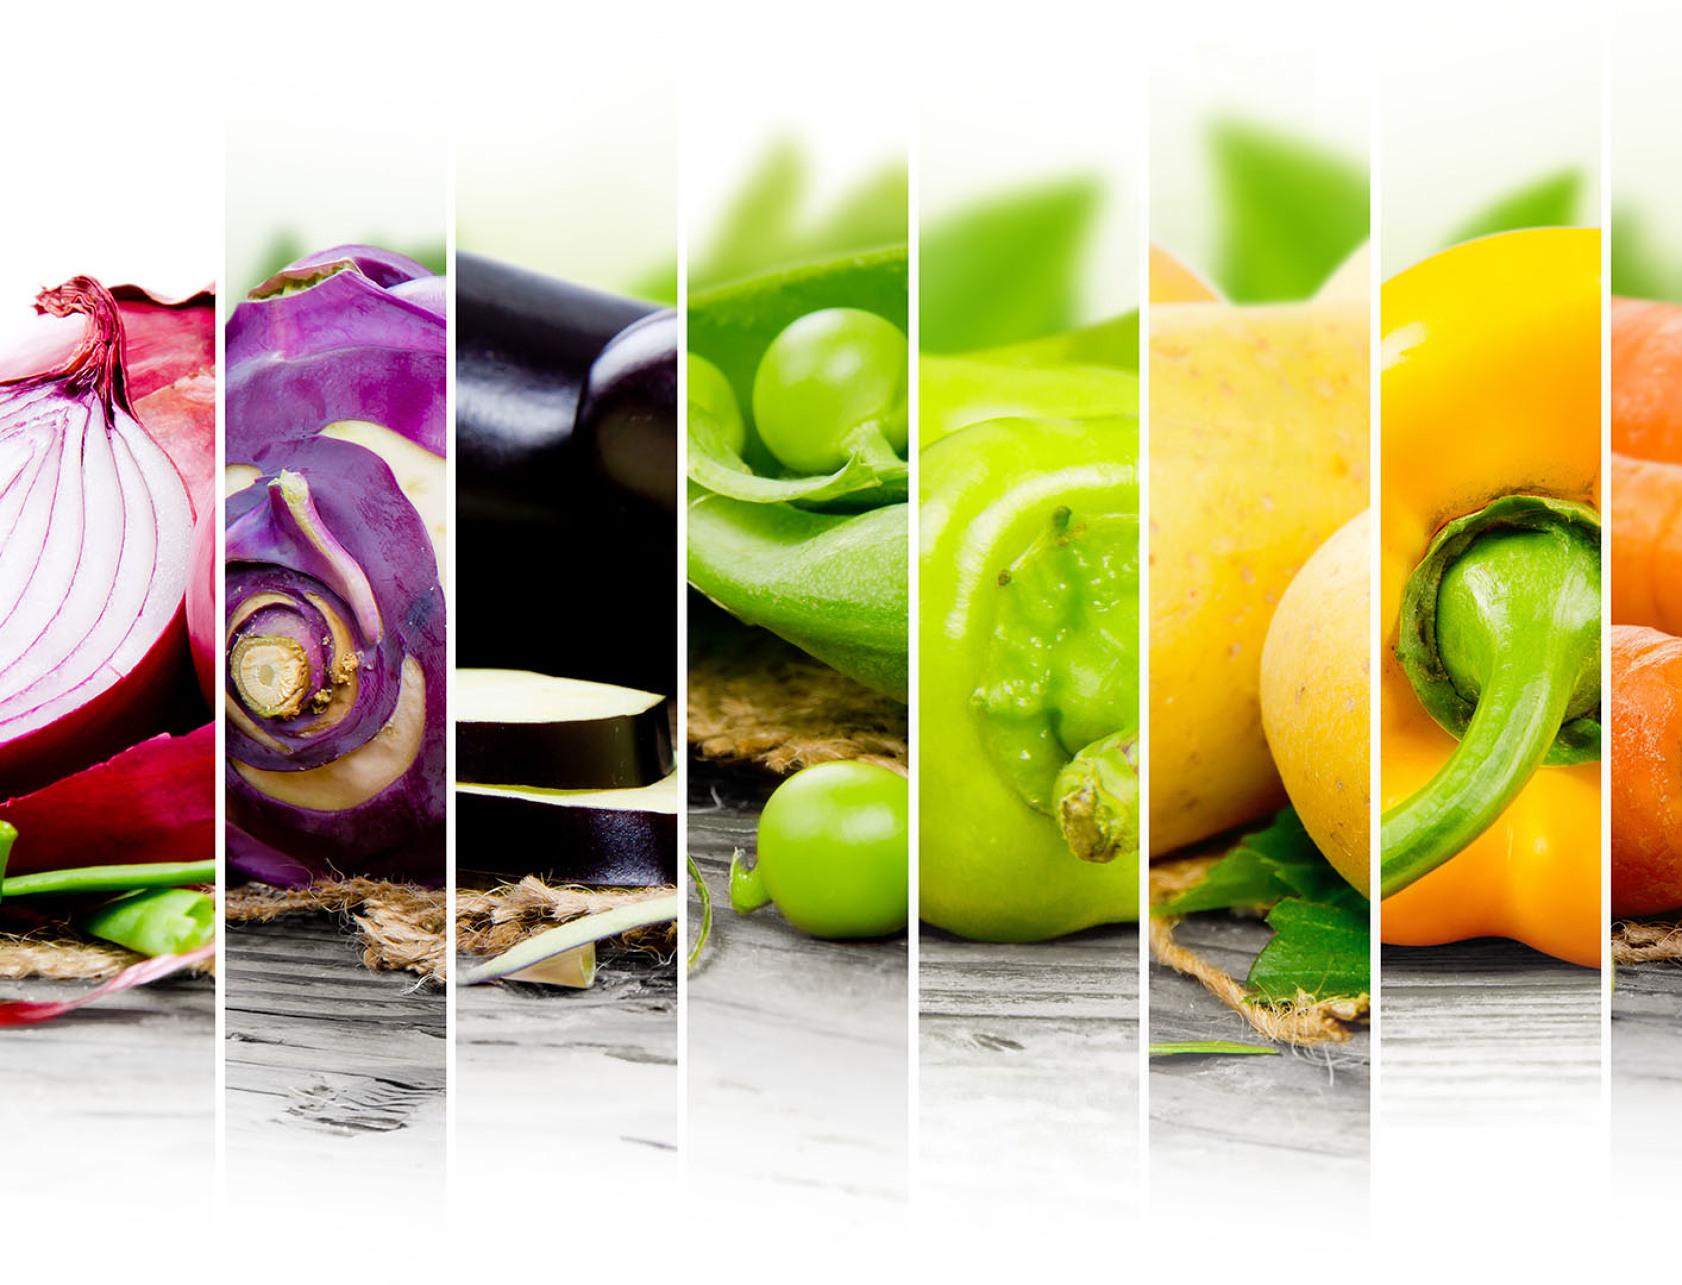 Frutta prima dei pasti. Perchè? Lo spiega la dieta sequenziale